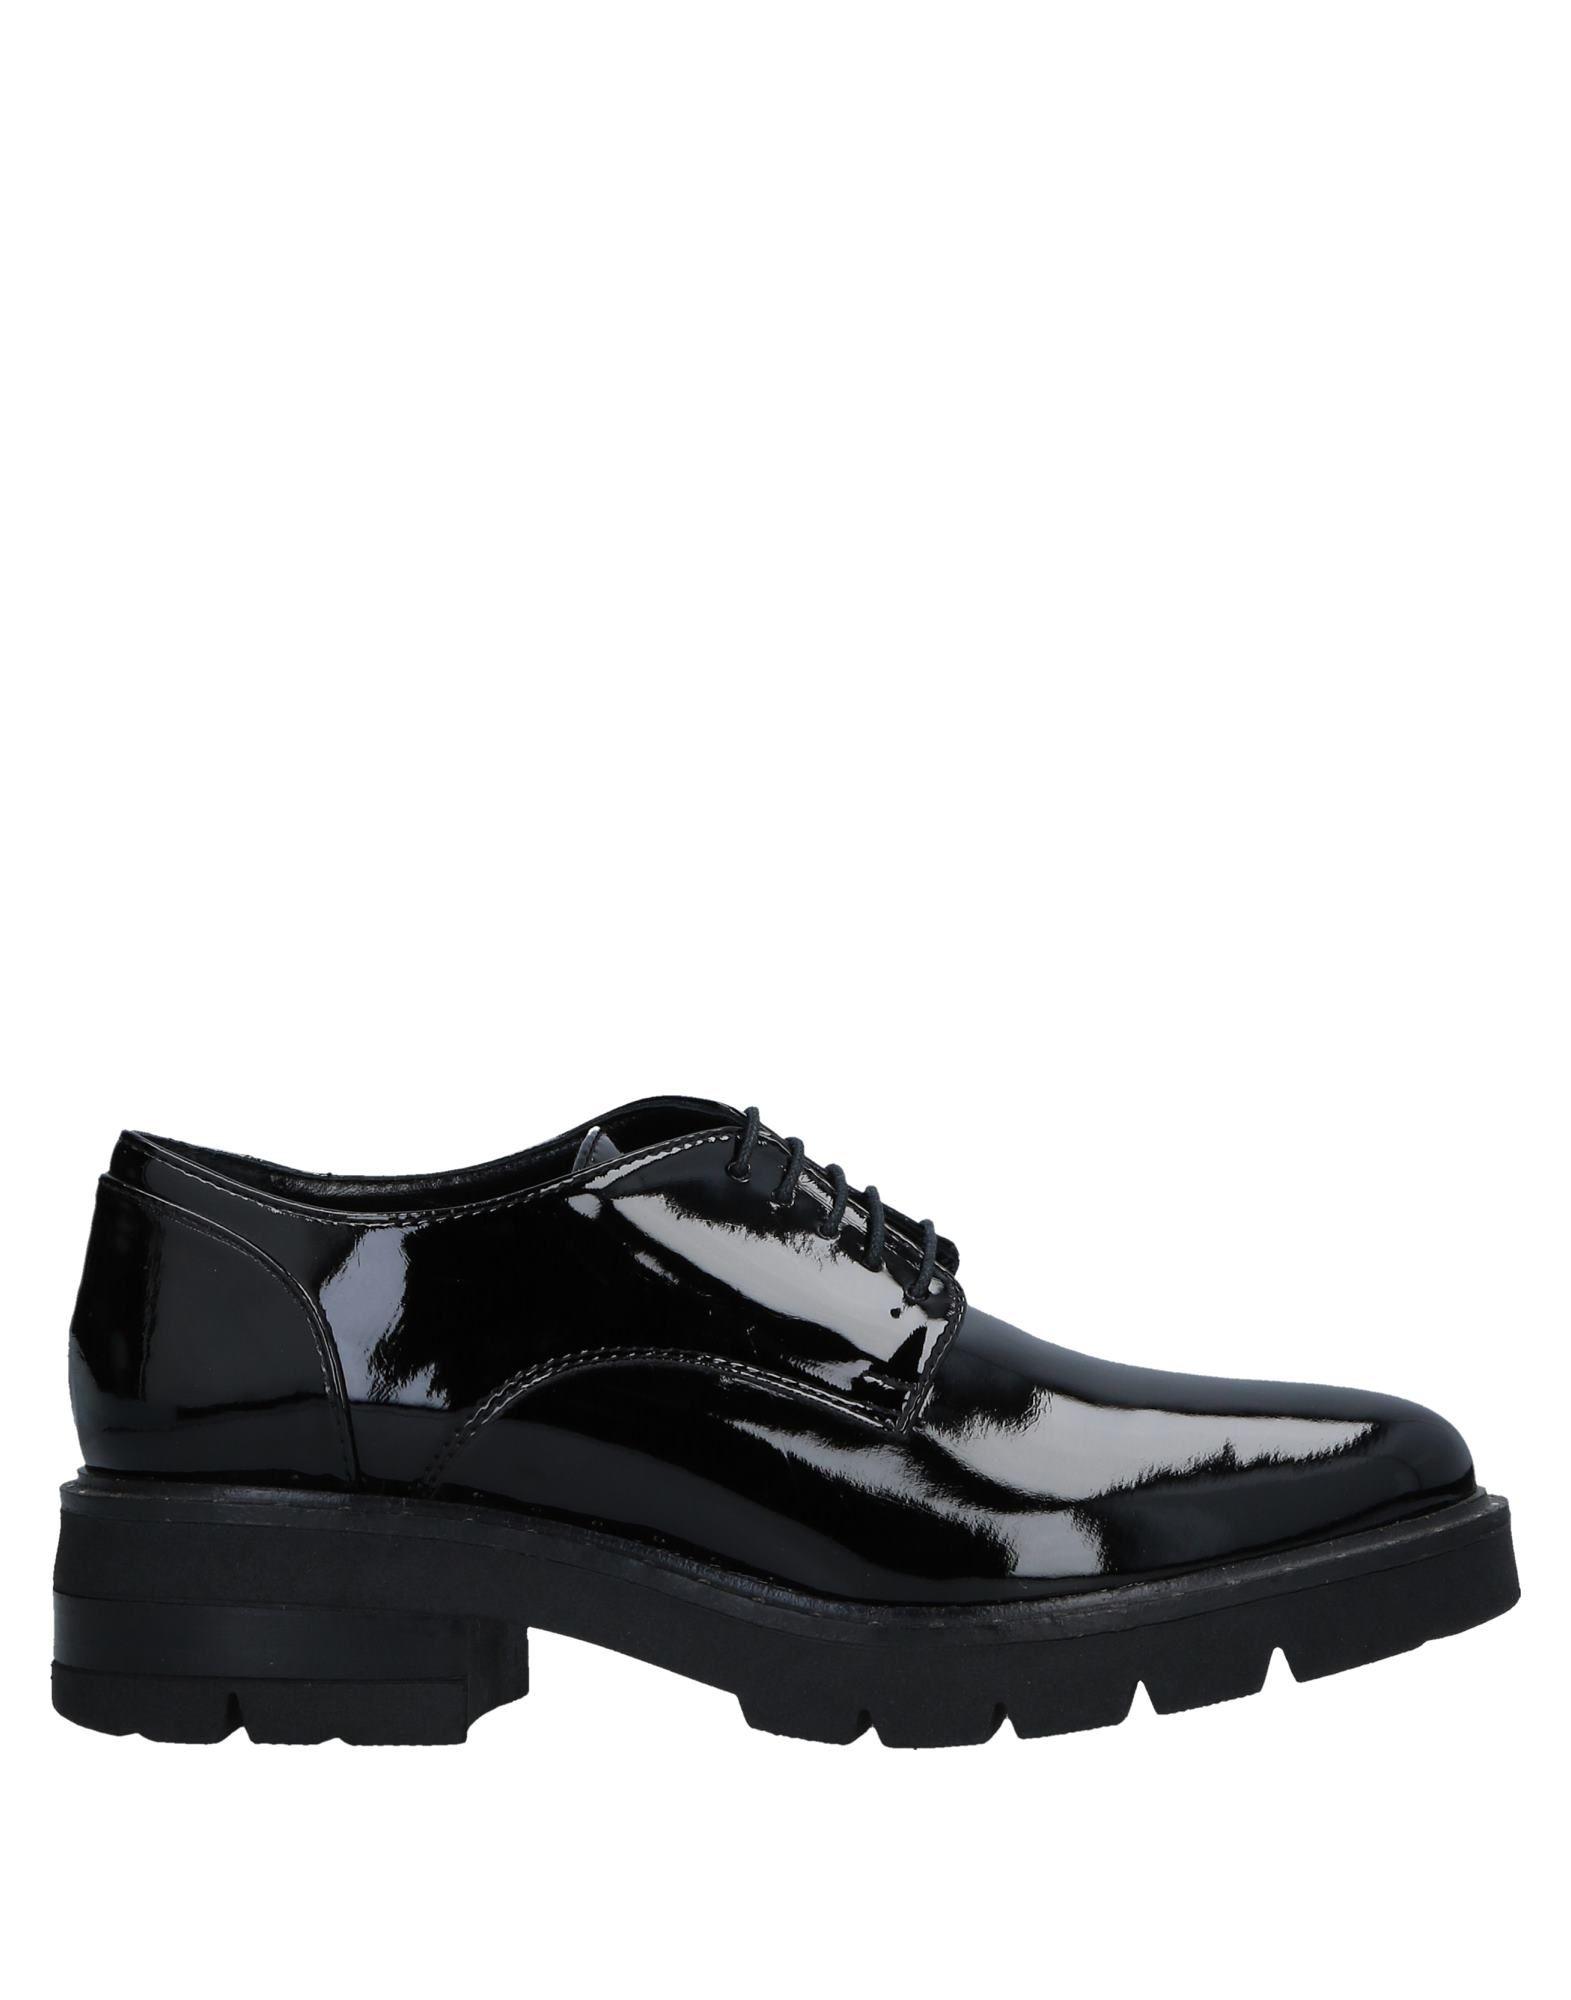 Lm Schnürschuhe Damen  11527408XQ Gute Qualität beliebte Schuhe